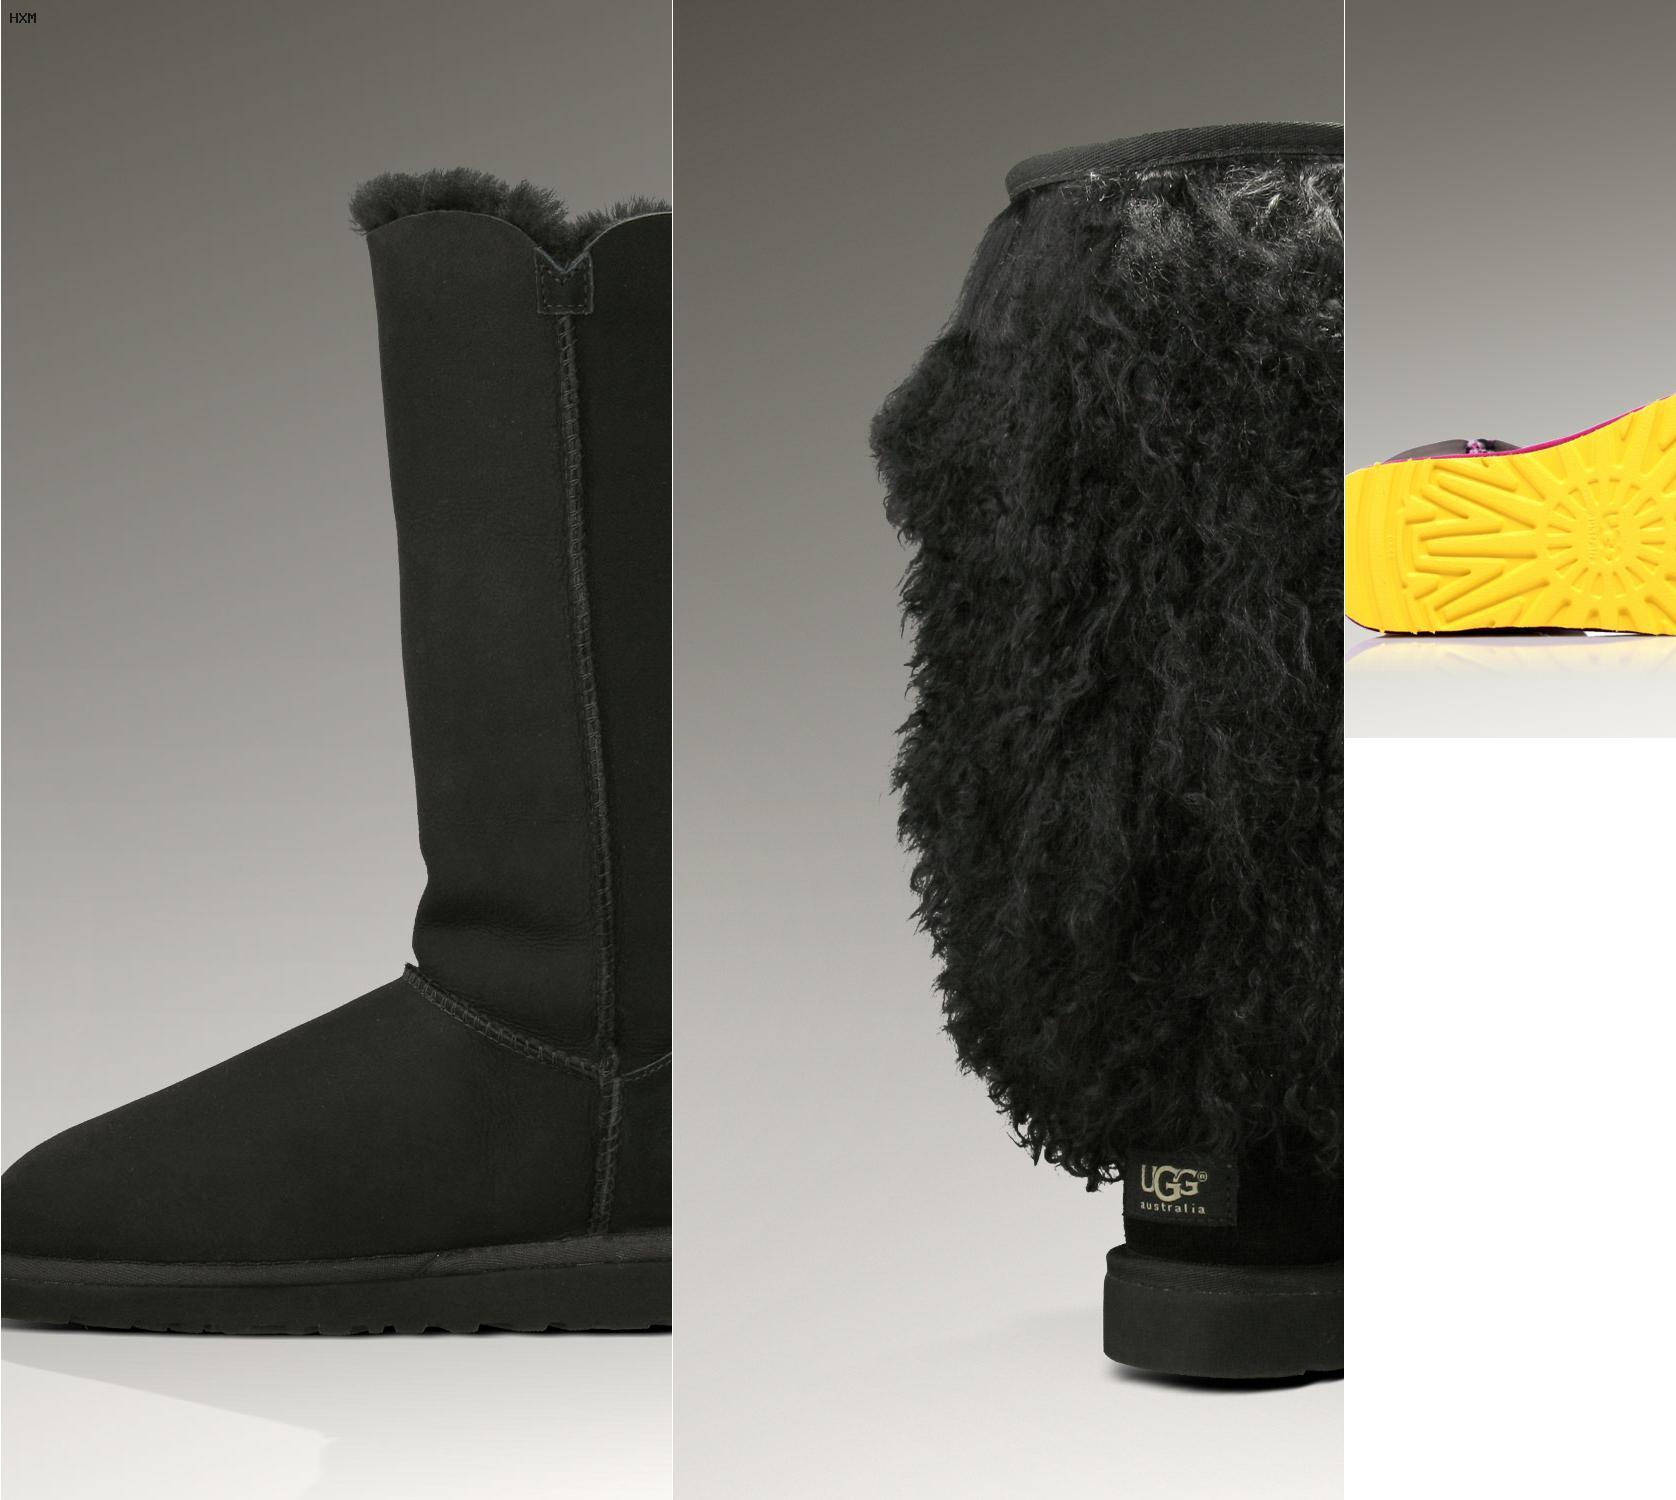 ugg boots online uk